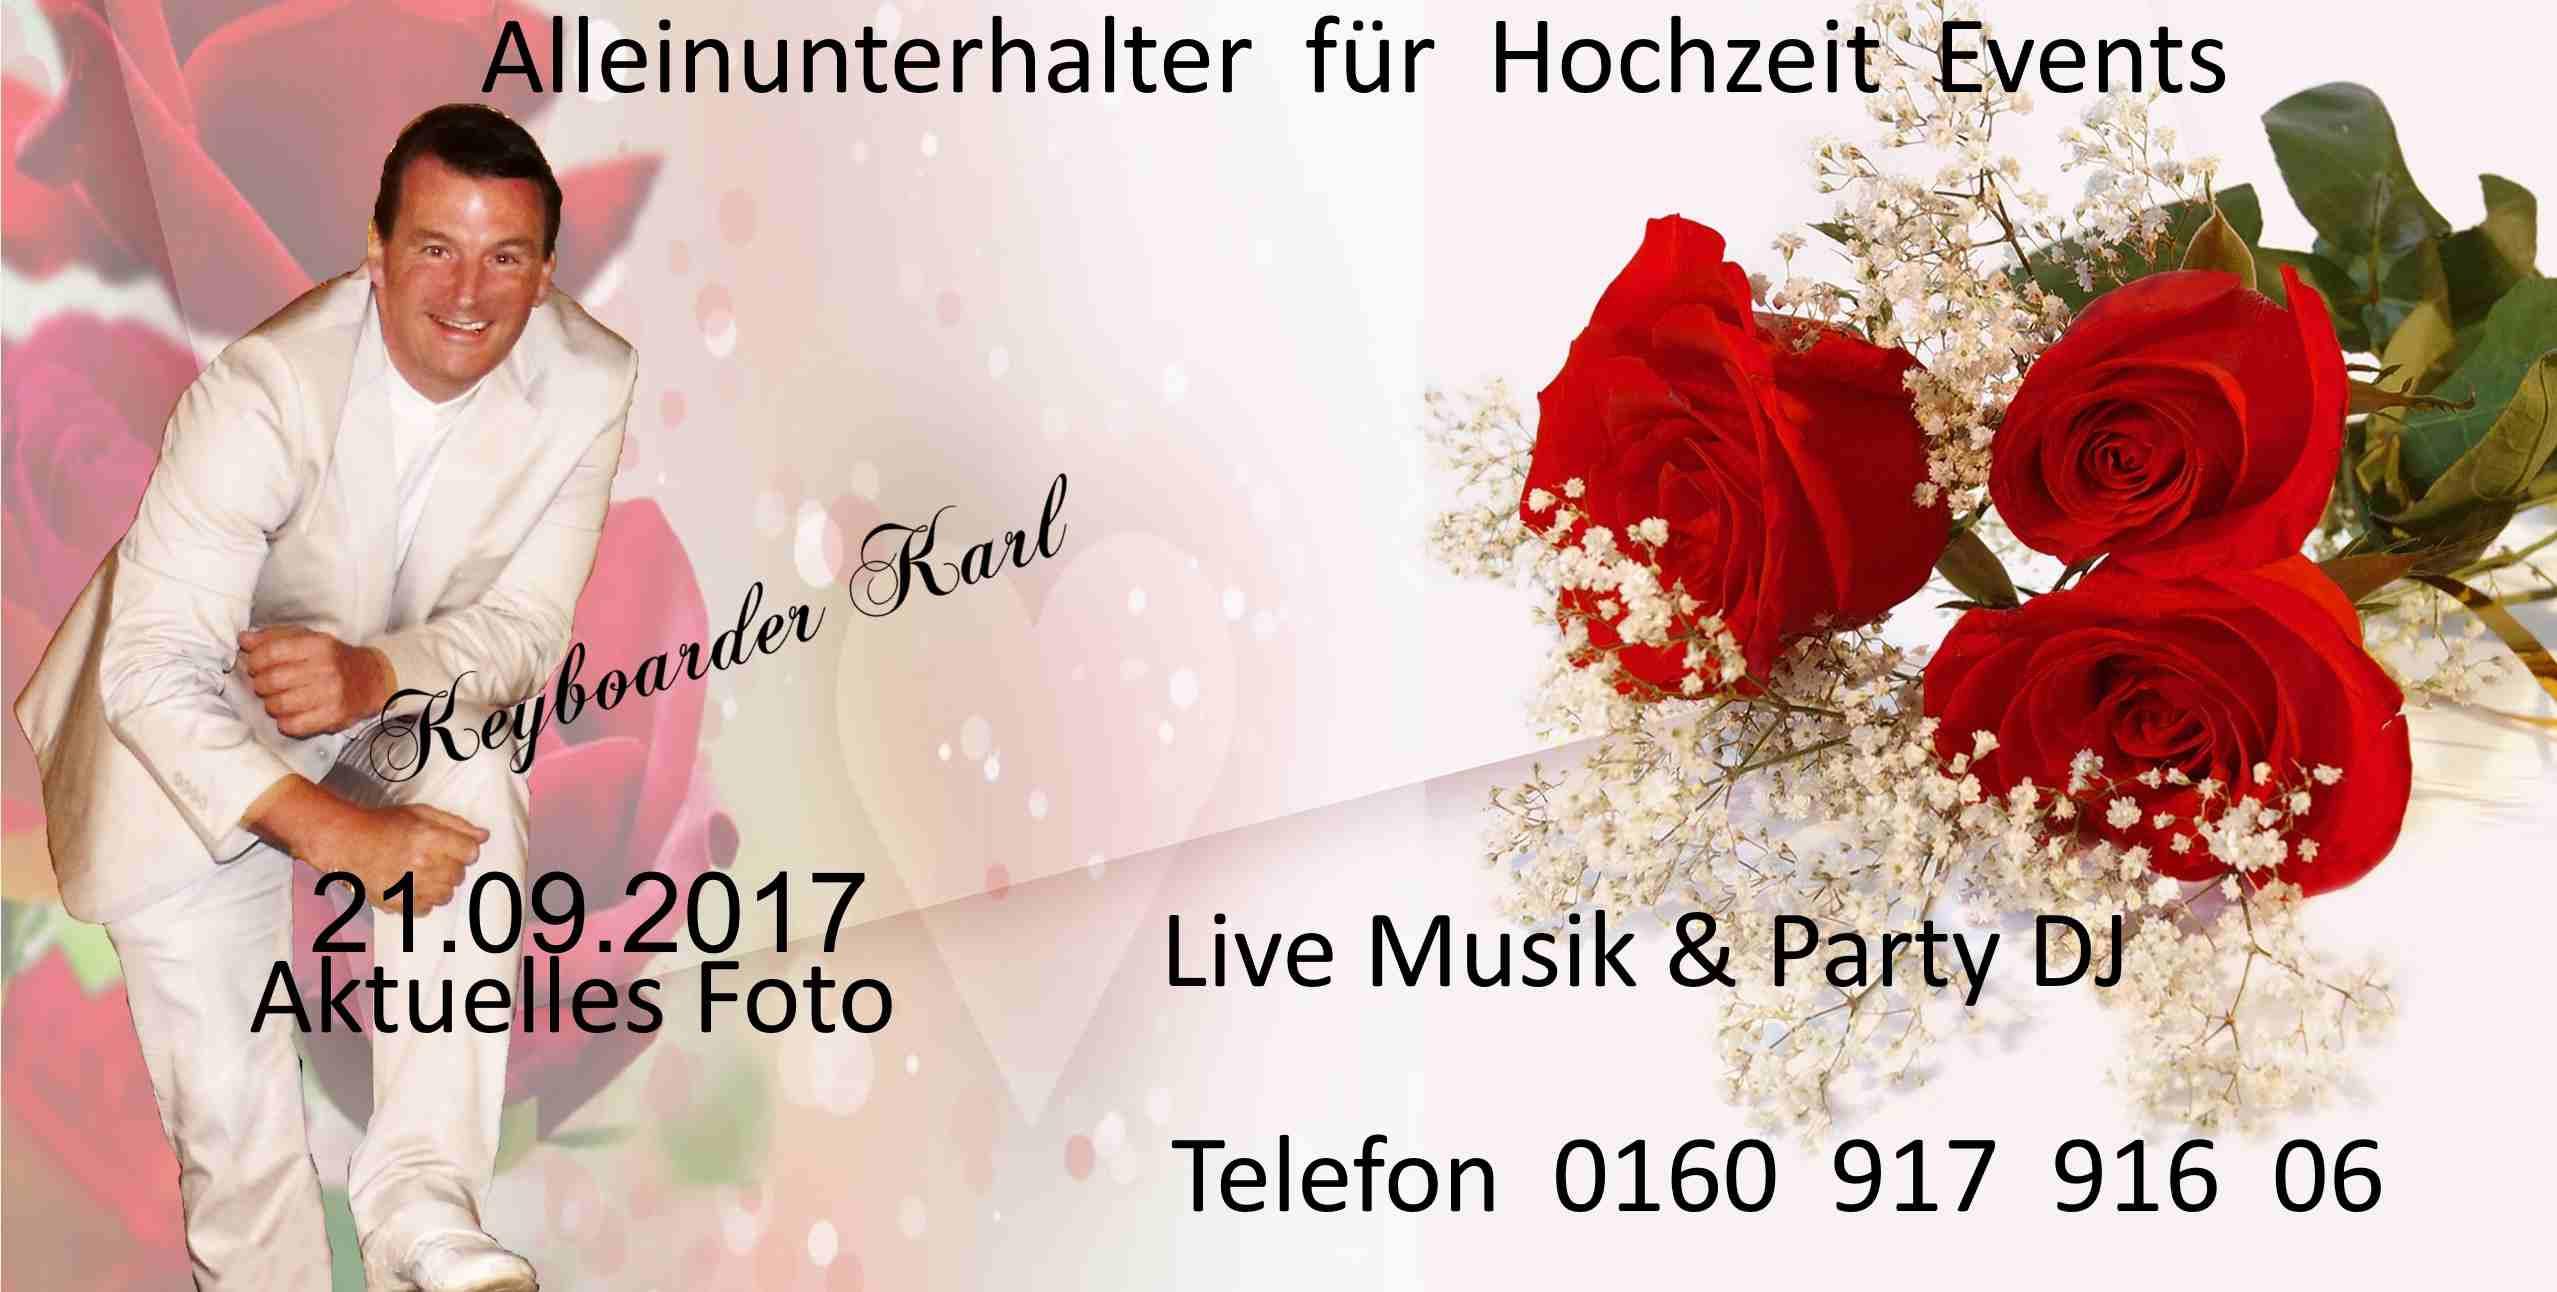 Alleinunterhalter Hochzeit  Alleinunterhalter für Hochzeit in NRW Aachen Düren Köln